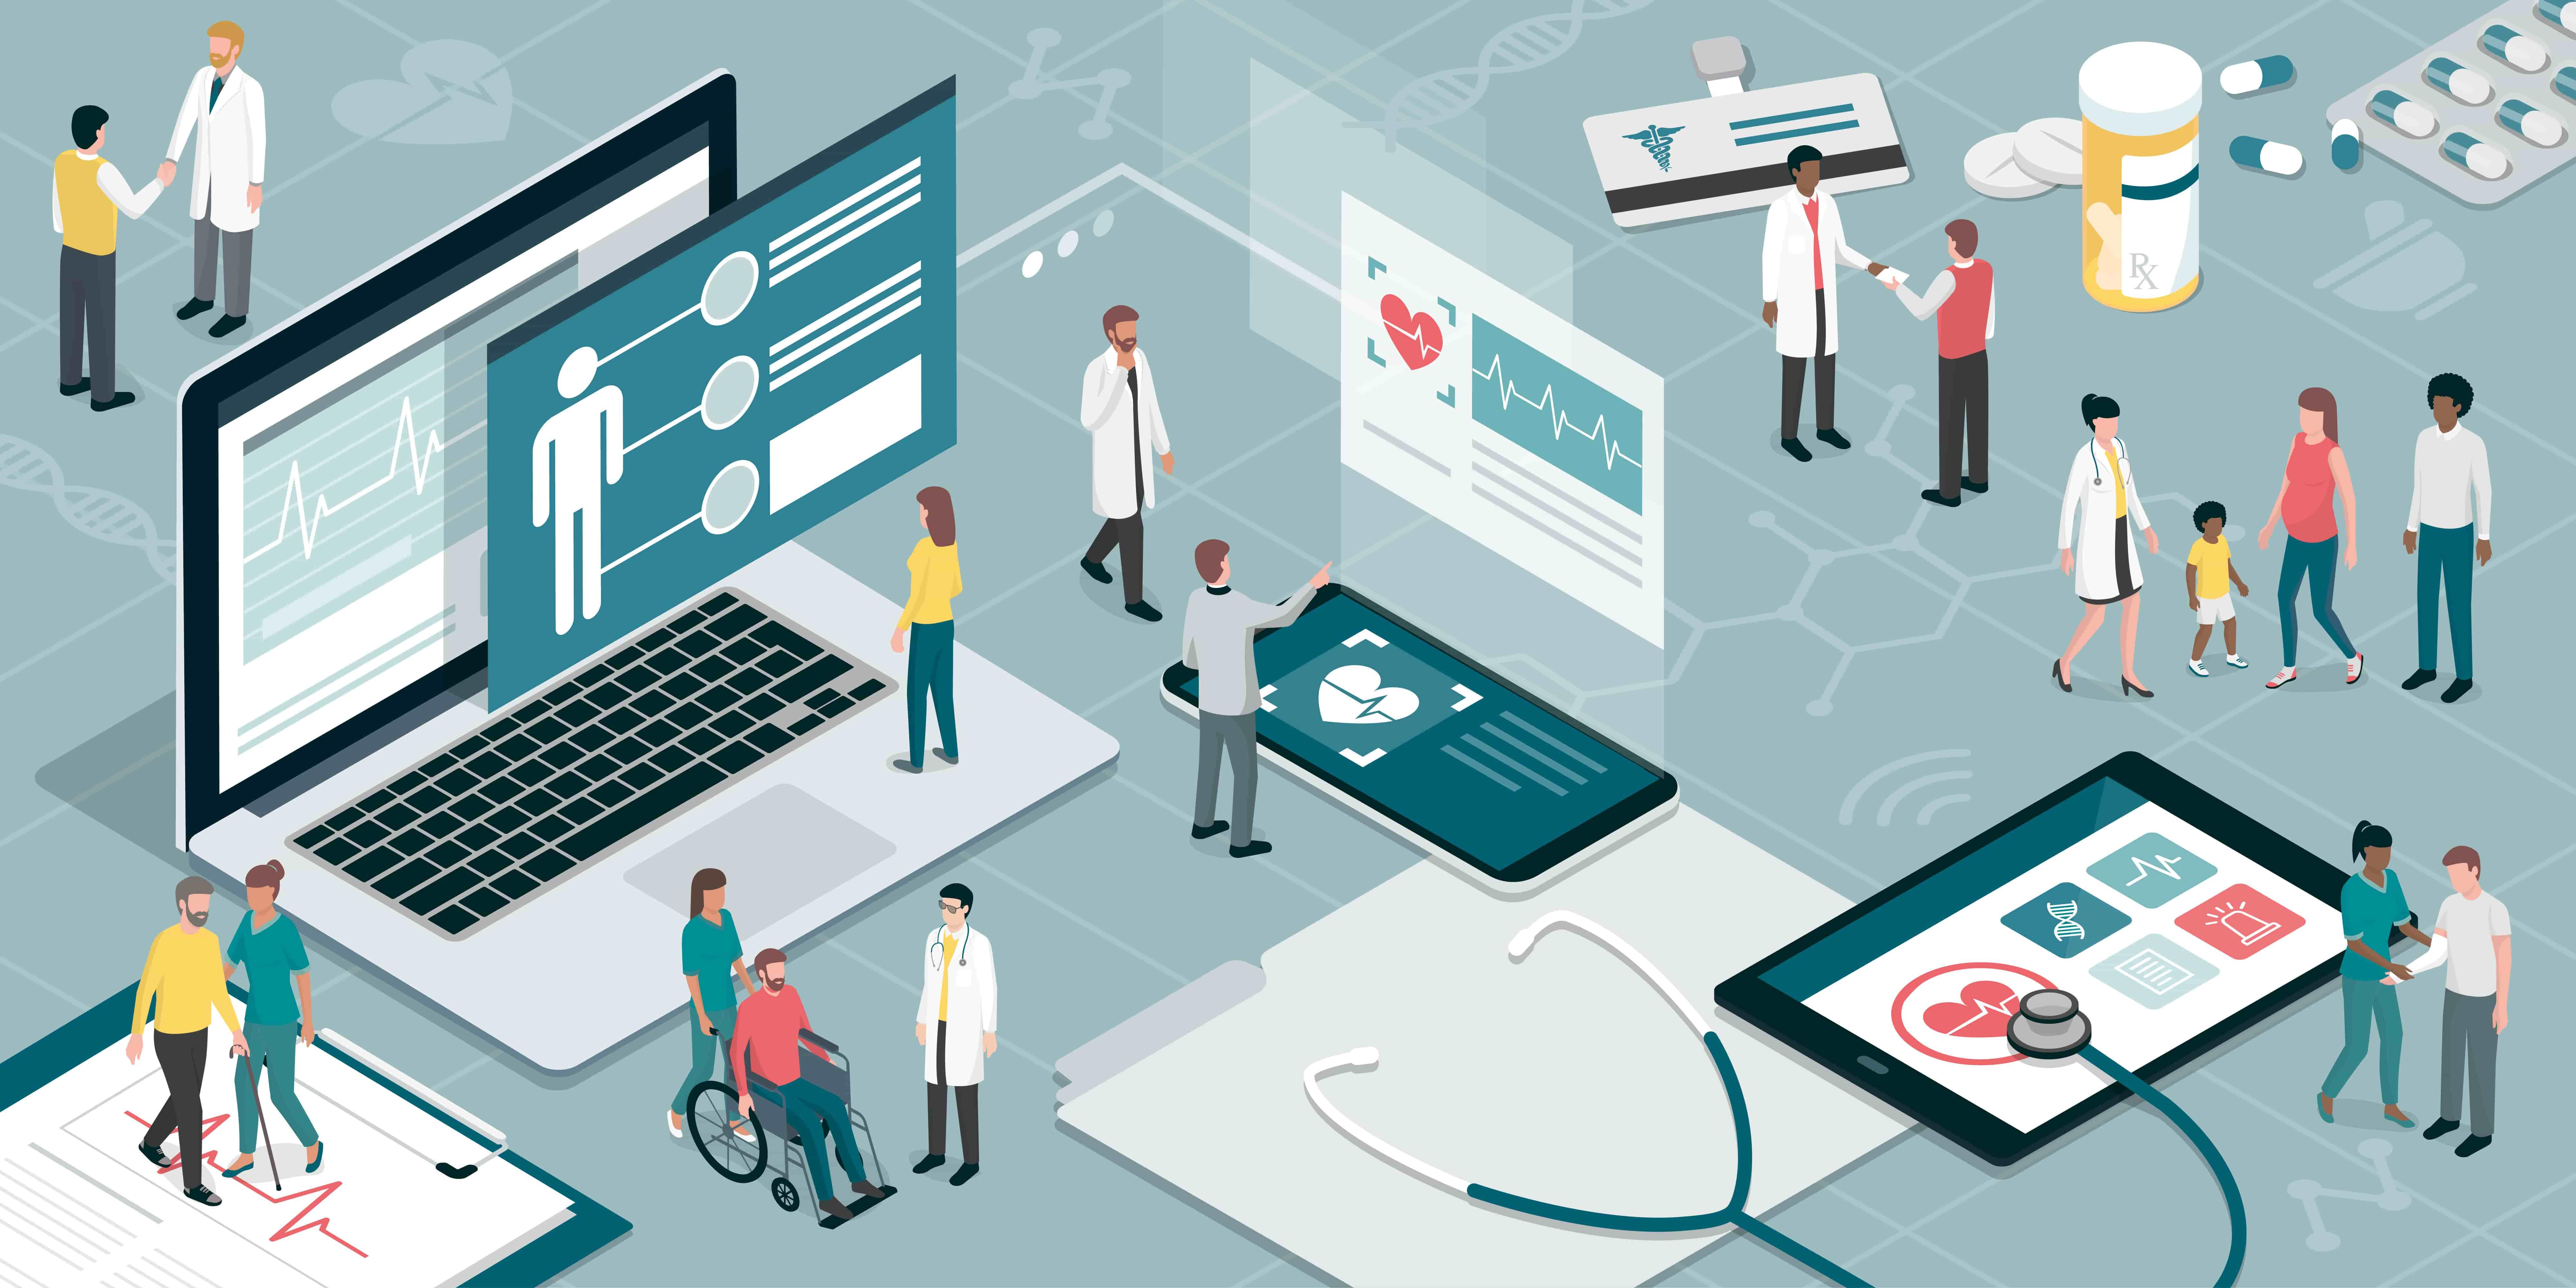 Graphique représentant les salariés au contact de conseillers santé, et utilisant des équipements de suivi de leur état de santé, dont des programmes en ligne